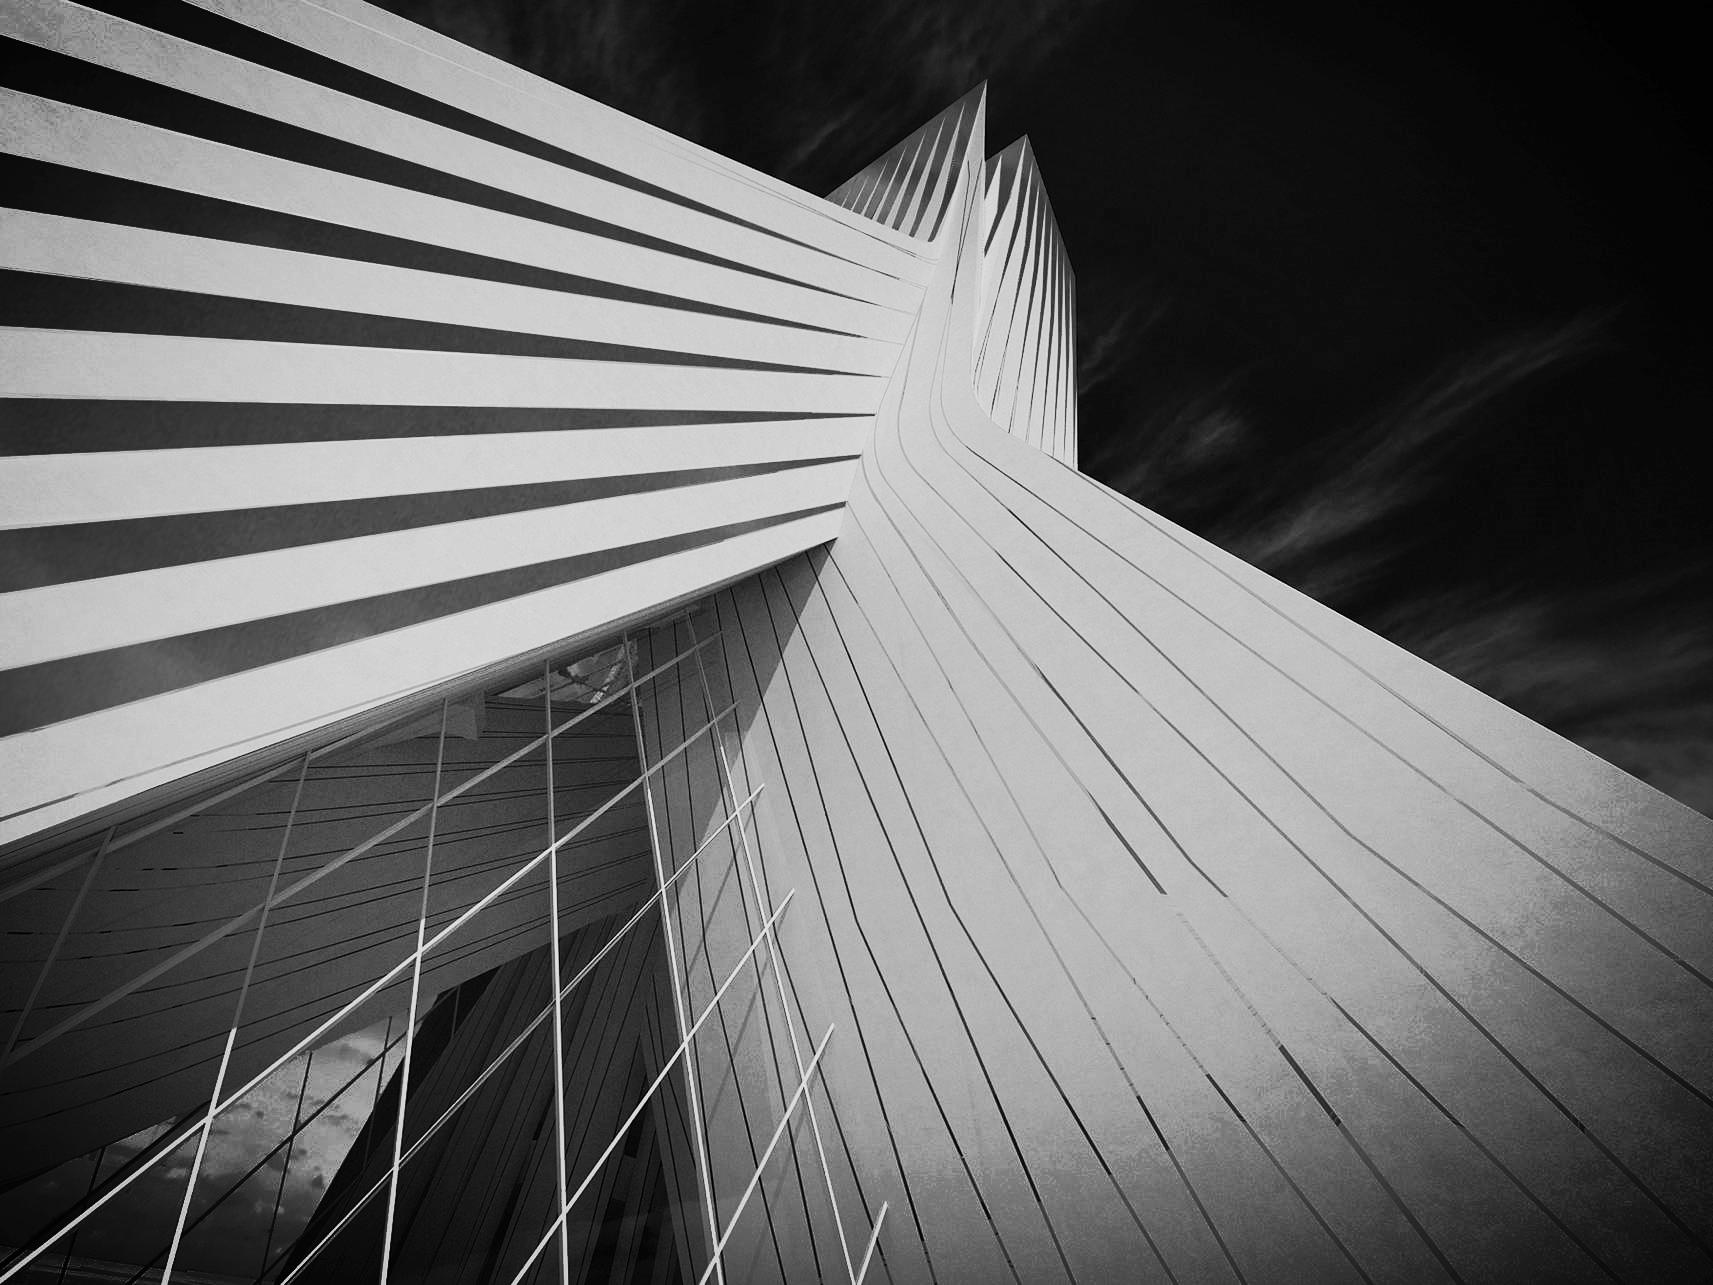 Singapore Guggenheim Museum - 2005-2006 (Zaha Hadid)